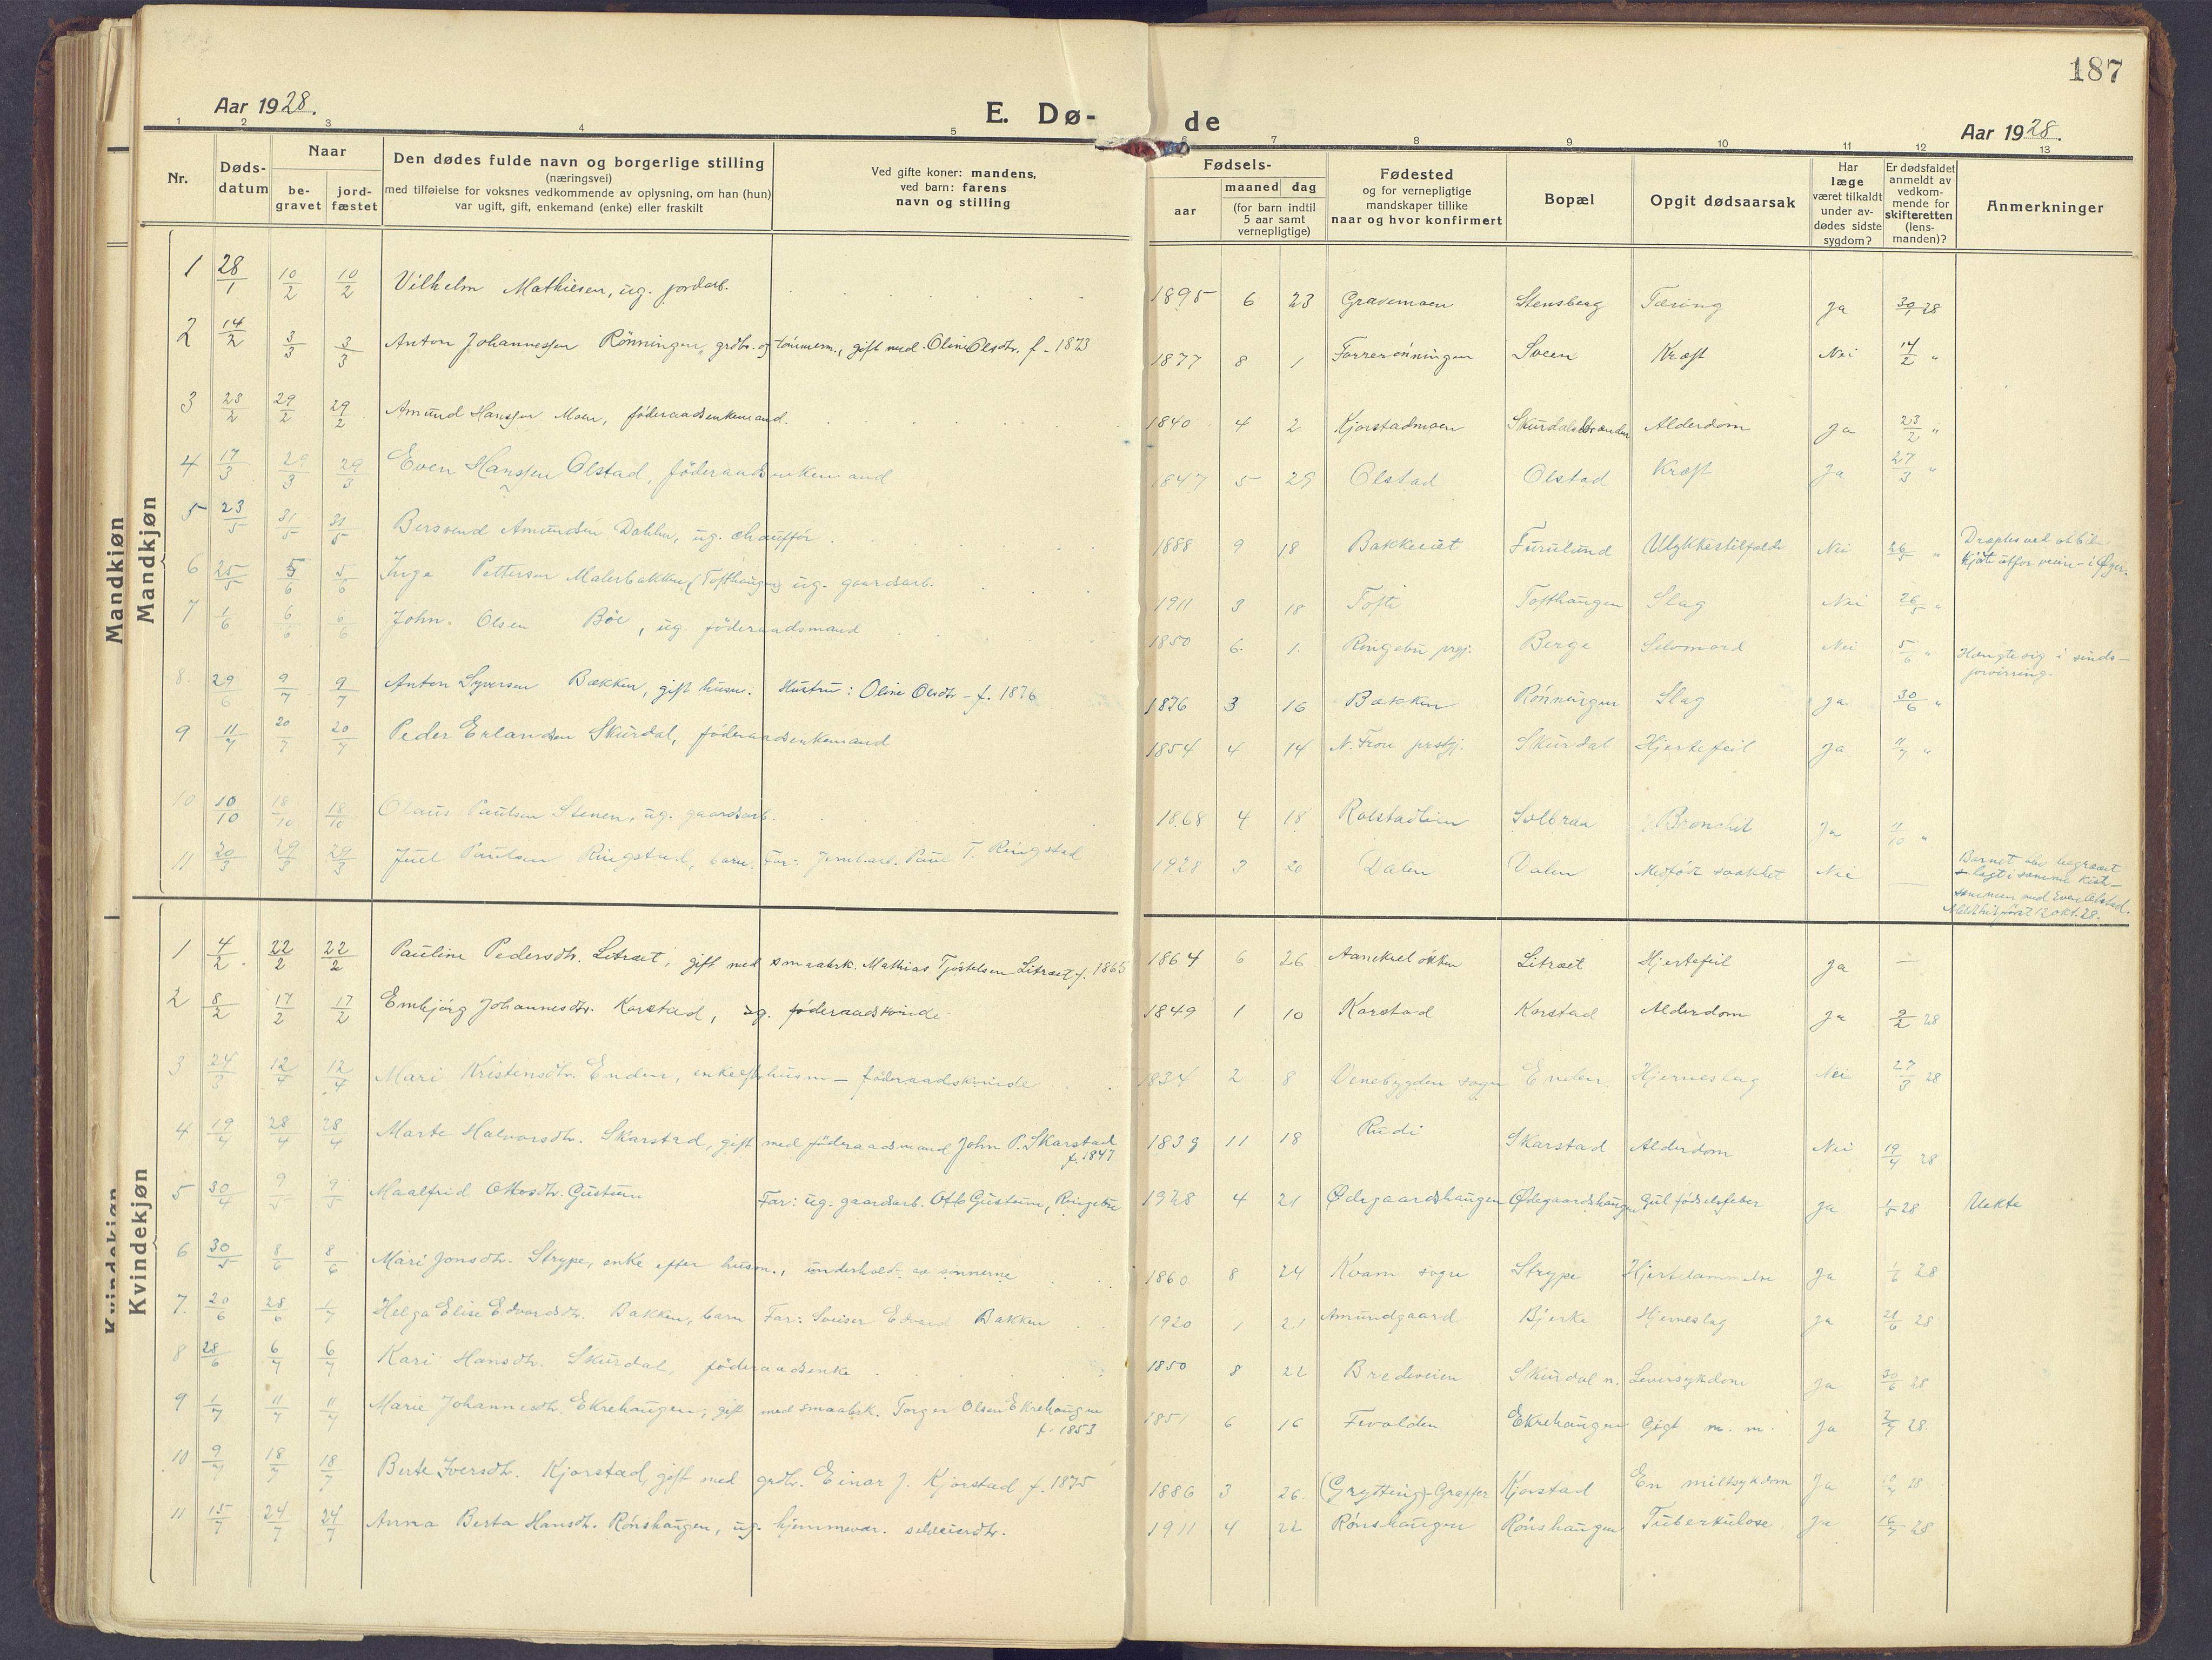 SAH, Sør-Fron prestekontor, H/Ha/Haa/L0005: Parish register (official) no. 5, 1920-1933, p. 187